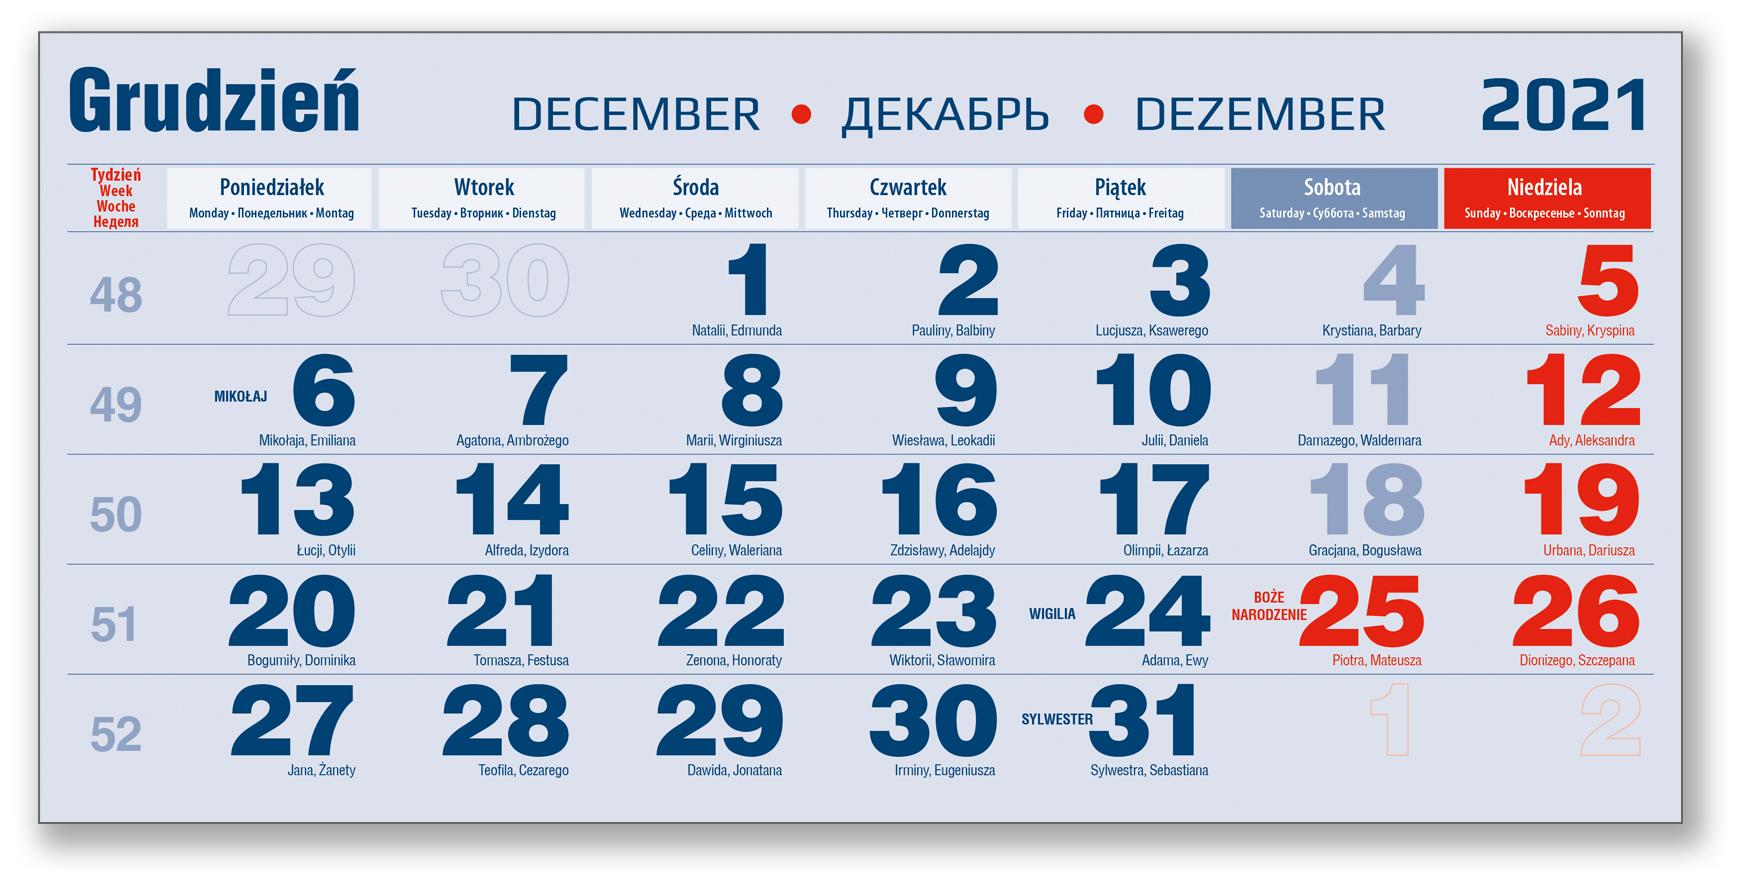 kalendarium trójdzielne 2021 grudzień